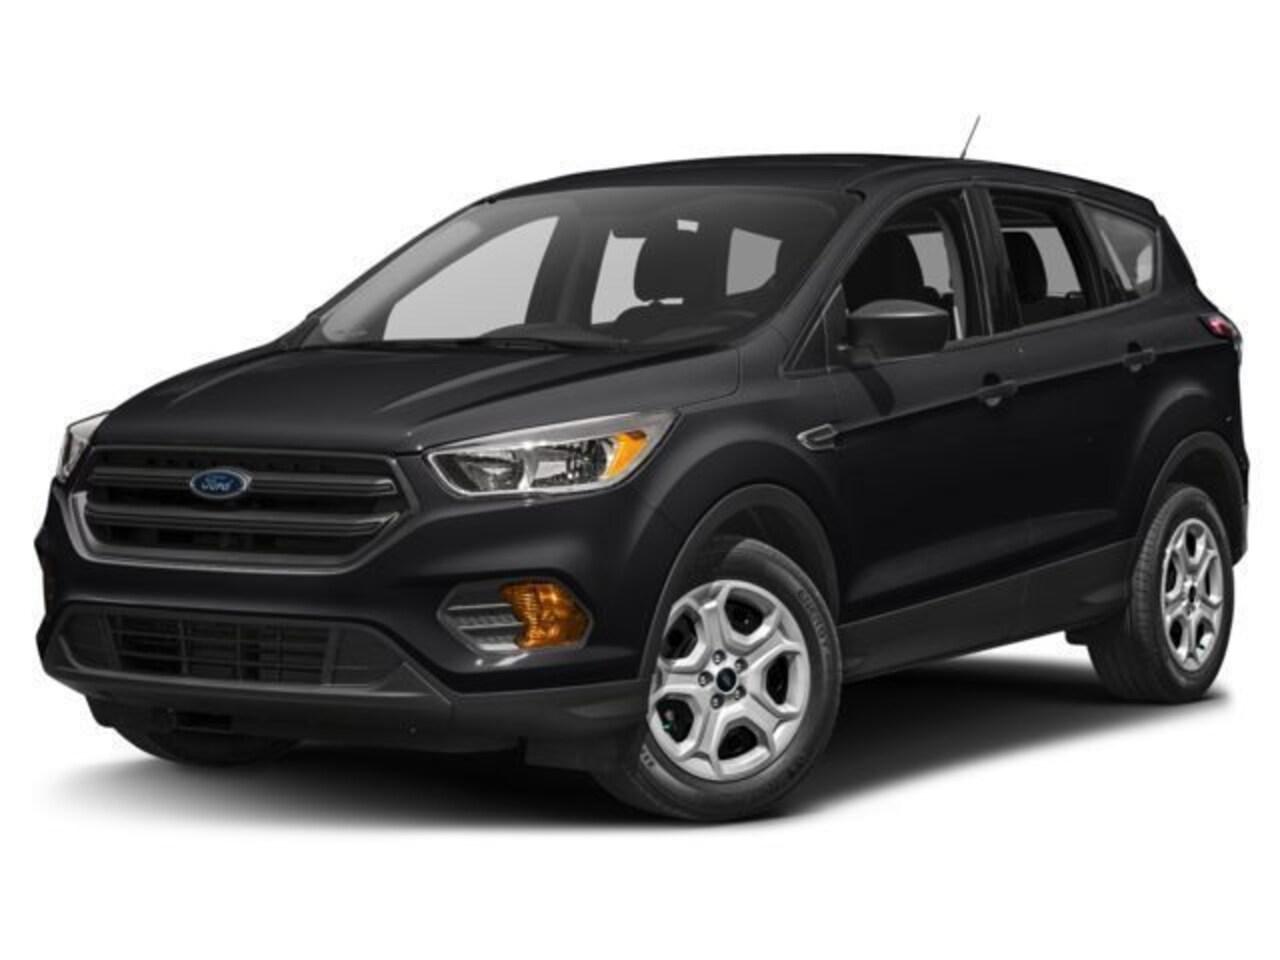 2018 Ford Escape SE 200A 4WD NAV SPORT SYNC SUV